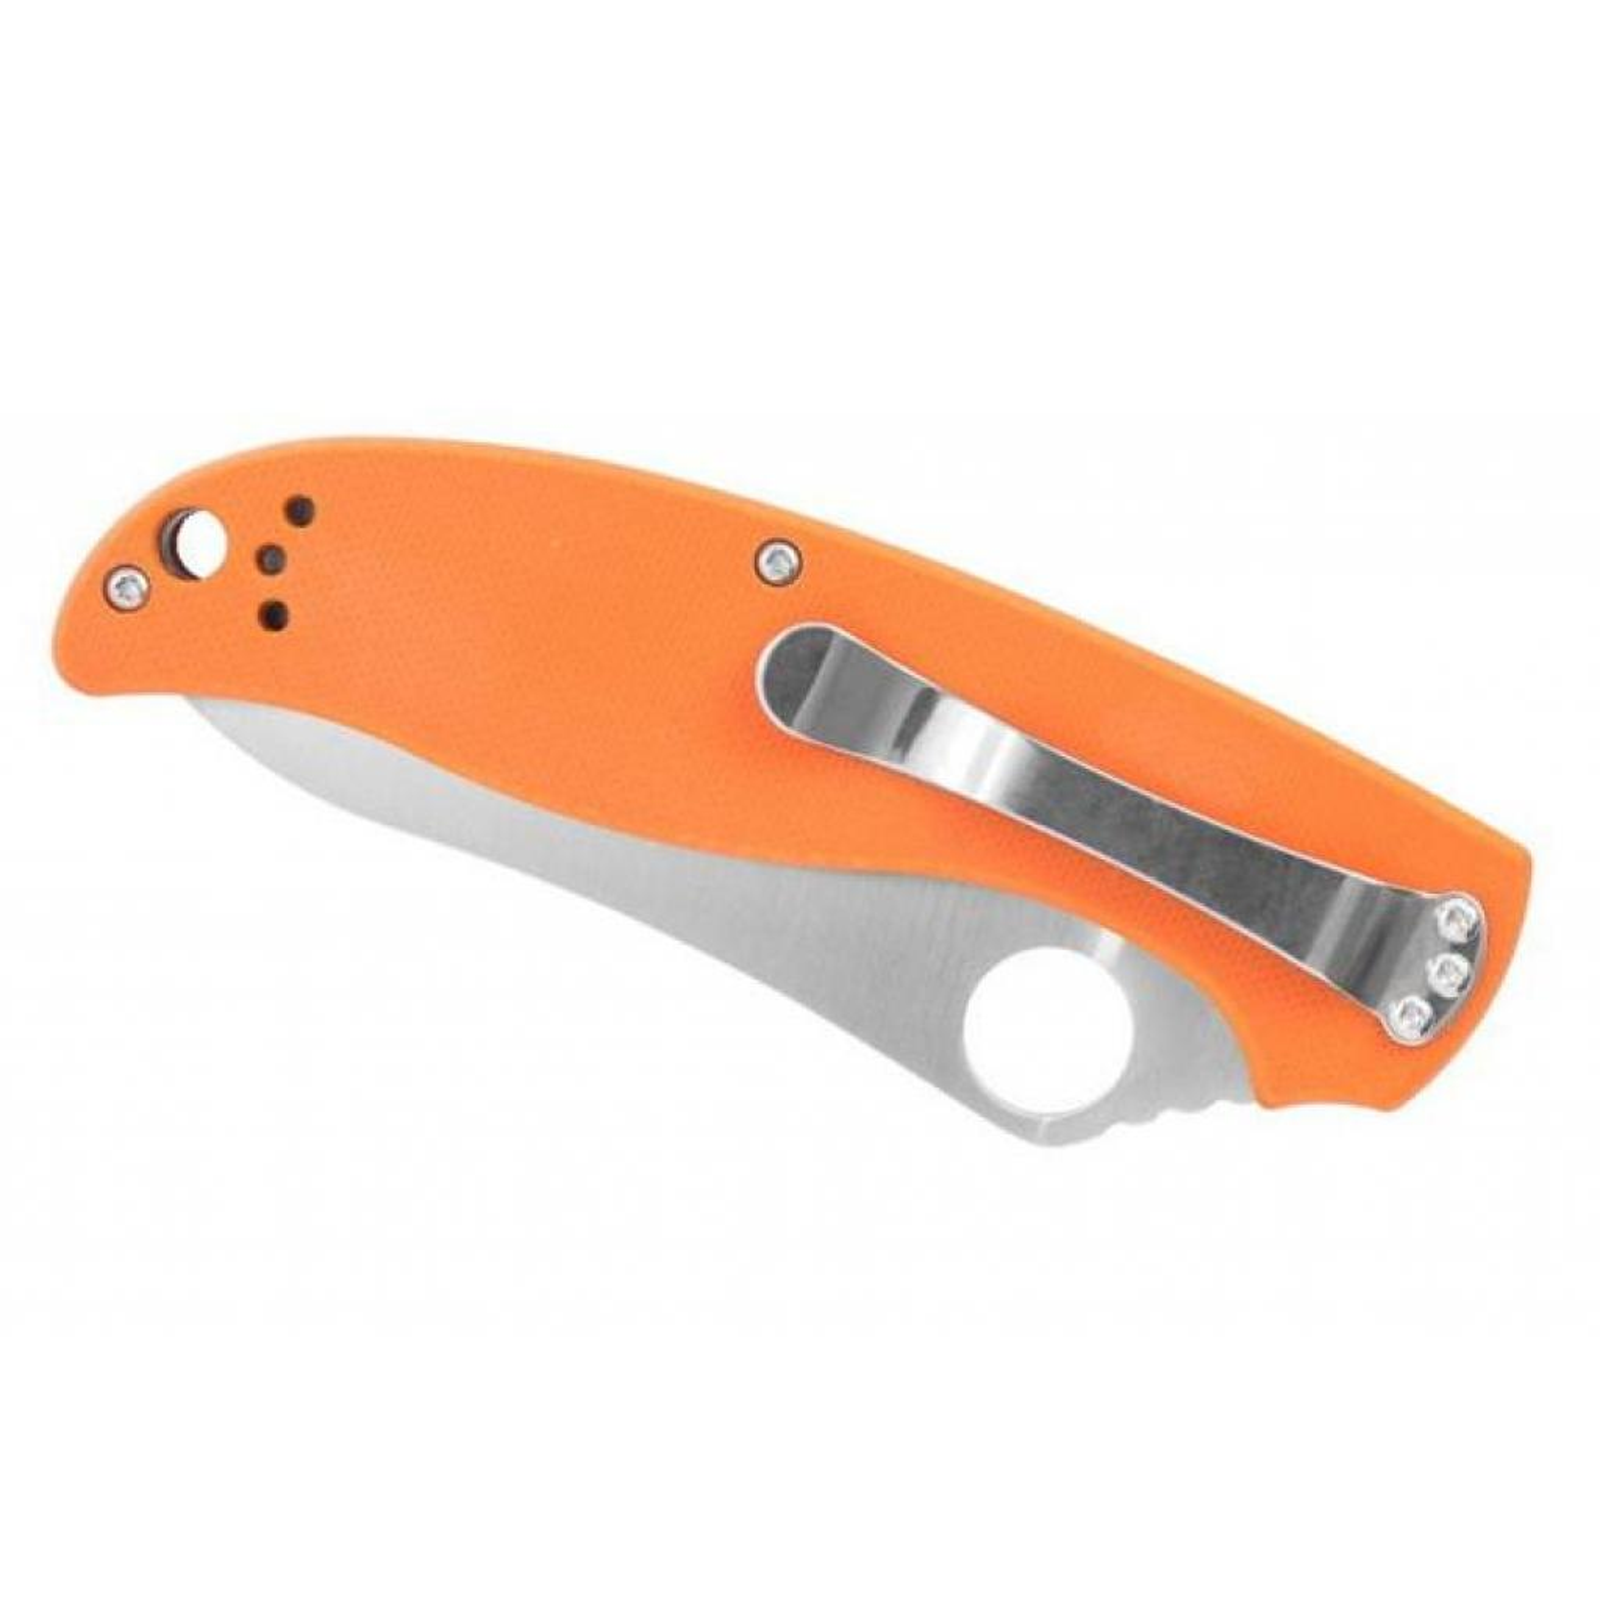 Нож Ganzo G734-OR оранжевый (2015-11-24) (G734-OR) изображение 4